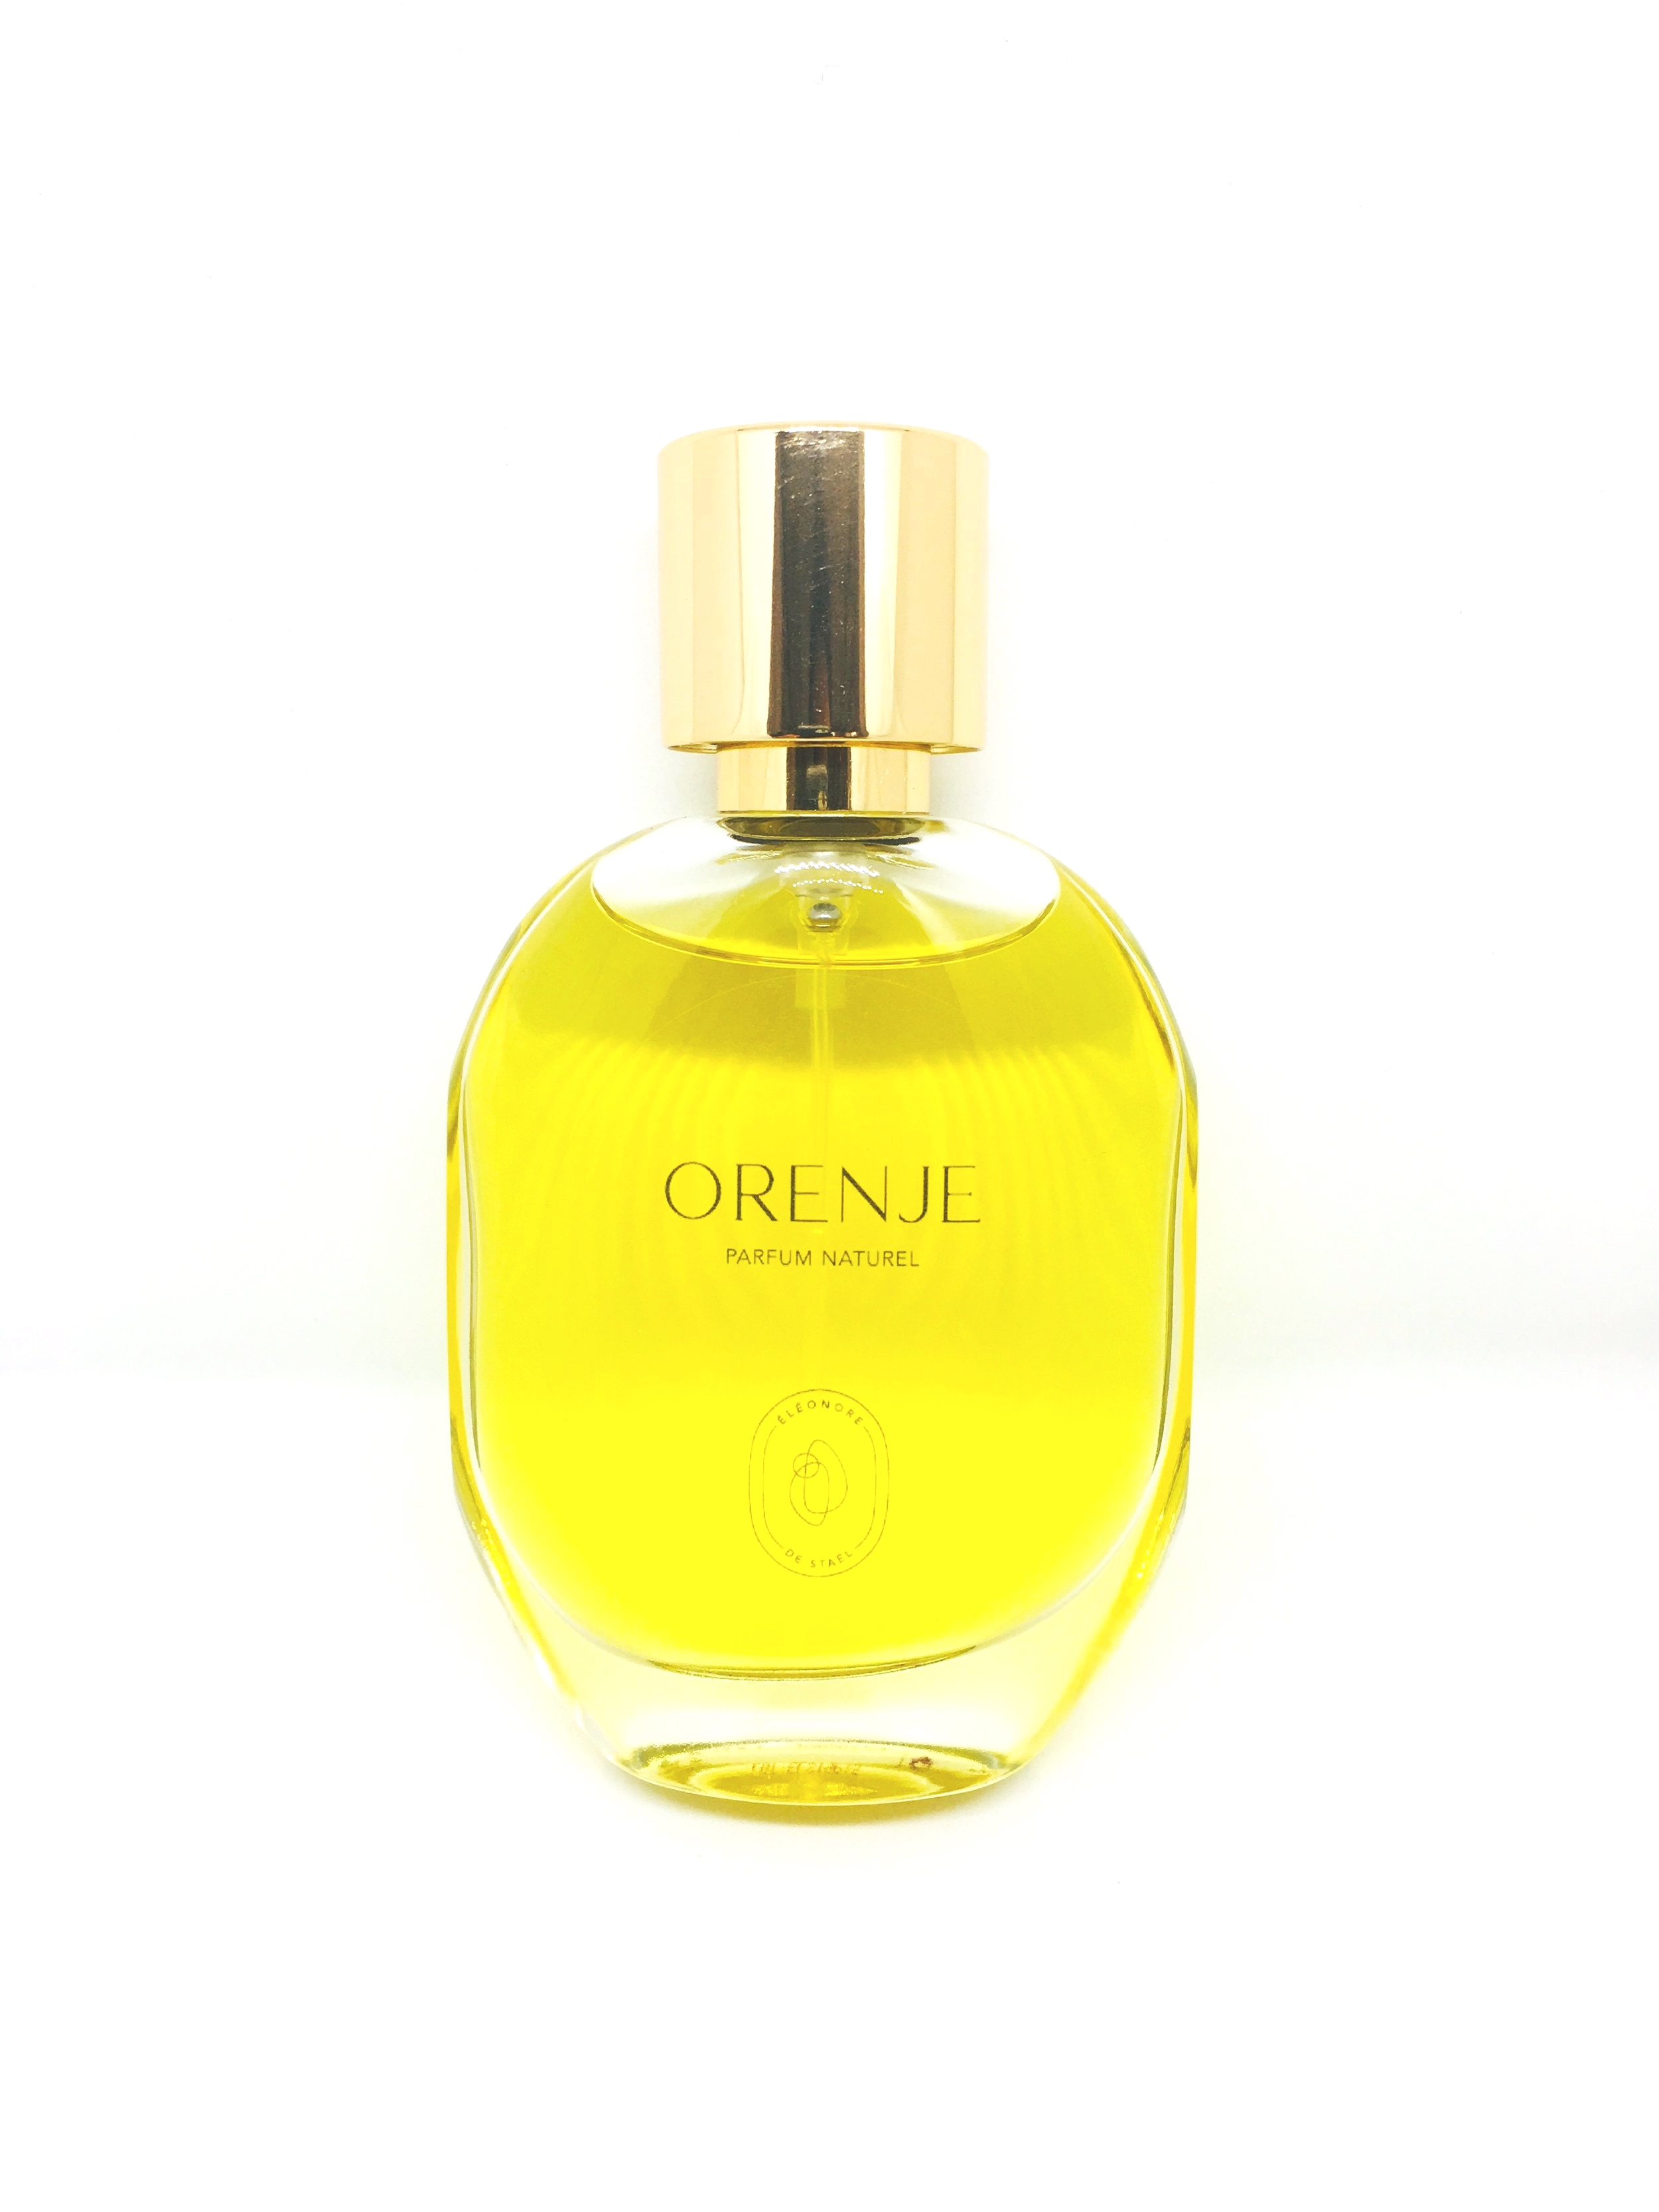 ORENJE - Une ode à l'oranger, le bigaradier, l'arbre à partir duquel sont extraites les huiles essentielles de la fleur d'oranger. Orenje délivre un message de générosité au cœur de sa fragrance.Son nom Orenje :• Orange l'agrume, les matières premières qui en sont issus, la couleur• L'or, la lumière• En, a l'intérieur, le dedans• Je, soi, celui qui porte le parfum